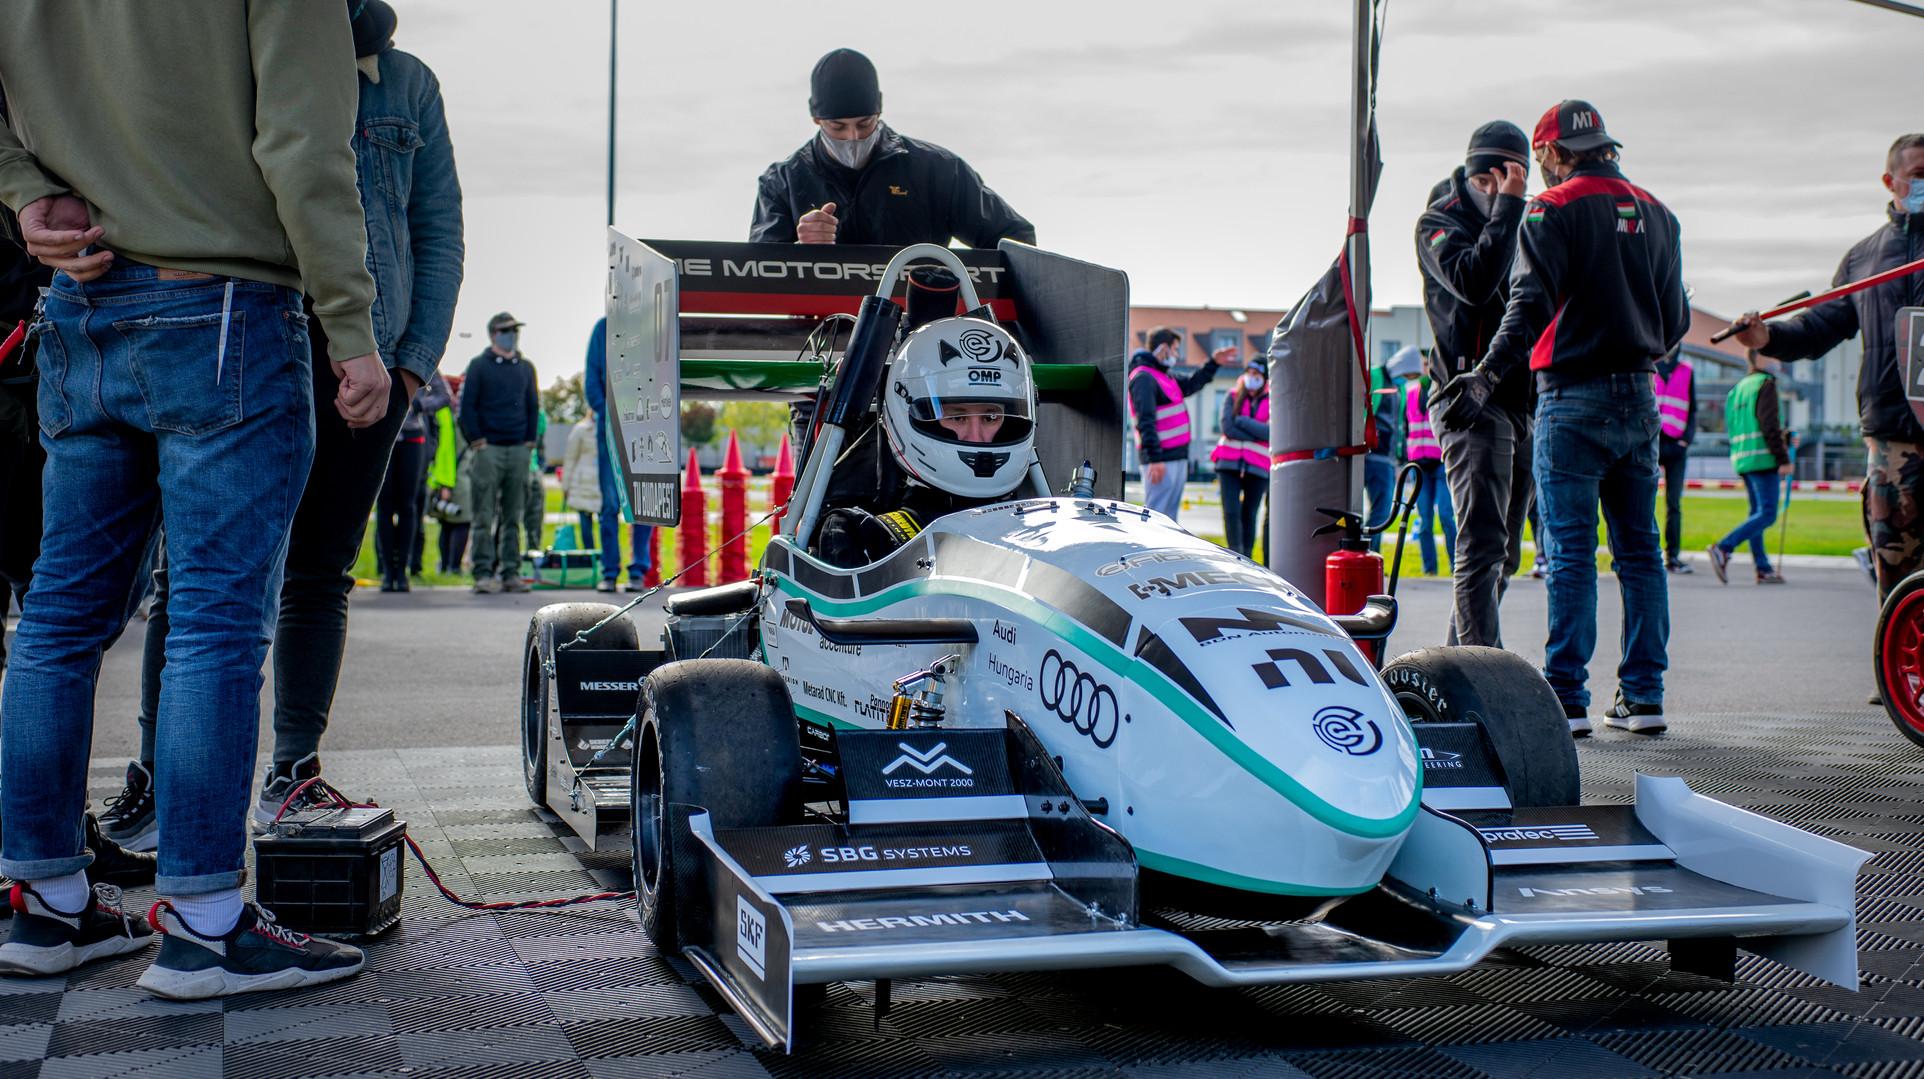 BME_Motorsport_teszt_6.jpg